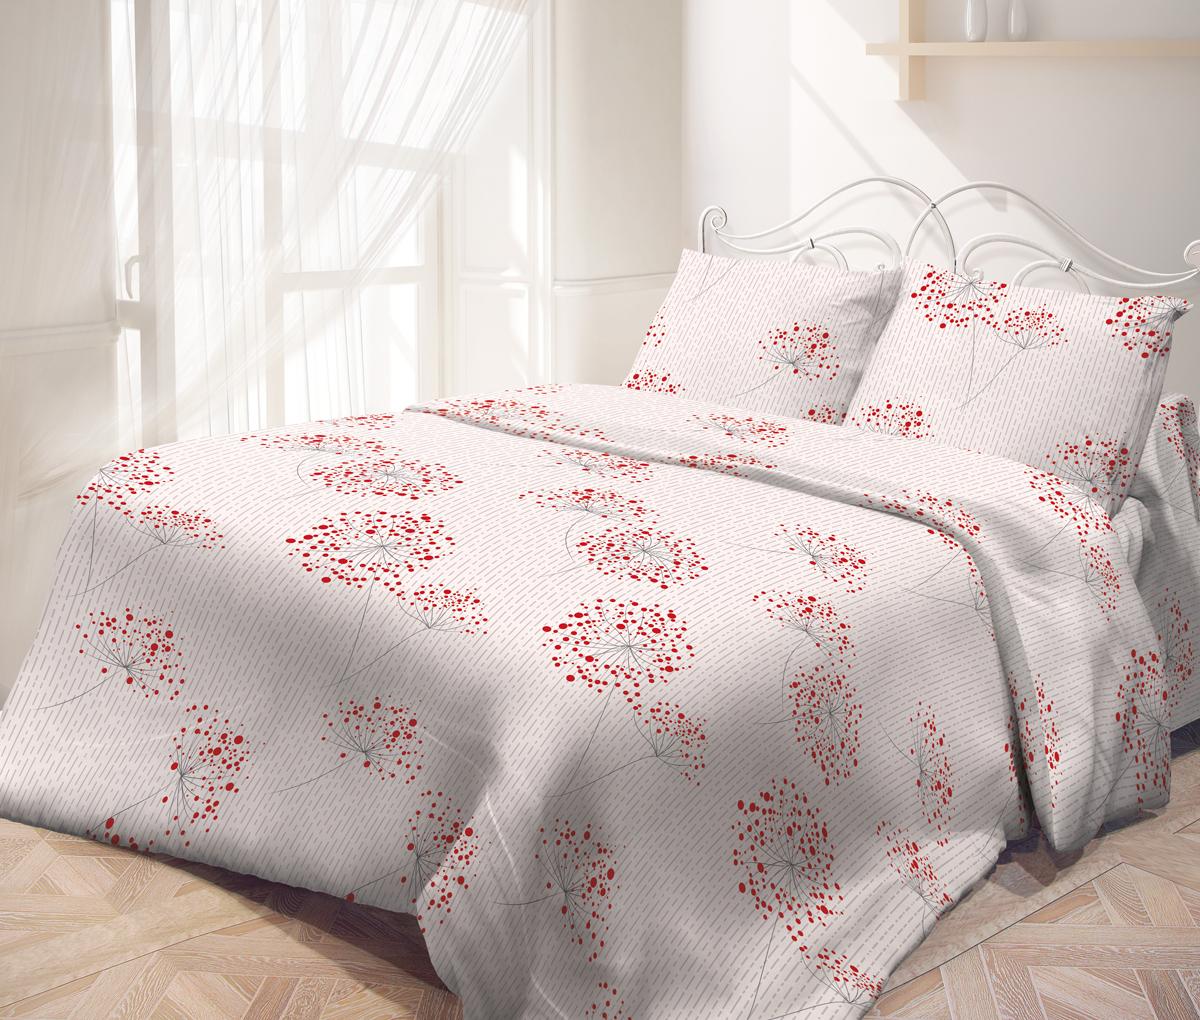 Комплект постельного белья Самойловский текстиль Легкость, семейный, наволочки 50х70, цвет: белый714284Комплекты постельного белья Самойловский текстиль - это максимально натуральный, естественный комфорт и невероятно приятные тактильные ощущения и актуальные современные дизайны. Чрезвычайно мягкая на ощупь поверхность хлопковой ткани Cottonsoft - будто нежный и мягкий лепесток цветка. Она имеет бархатистую структуру благодаря использованию особого сырья и технологий при производстве. Неприхотливая в уходе, 100% натуральная, износостойкая, но самое главное - особенно мягкая, она безусловно понравится тем, кто любит понежиться в постели и станет отличной альтернативой традиционным комплектам из тканей полотняной структуры.Советы по выбору постельного белья от блогера Ирины Соковых. Статья OZON Гид